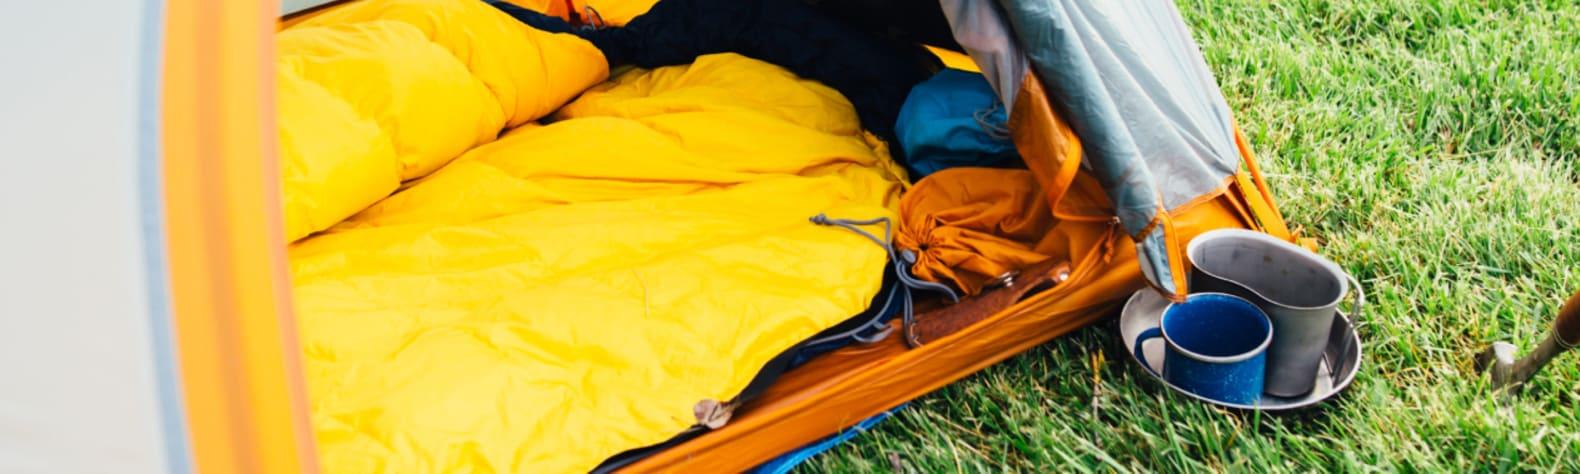 Camp William T. Wooten State Park